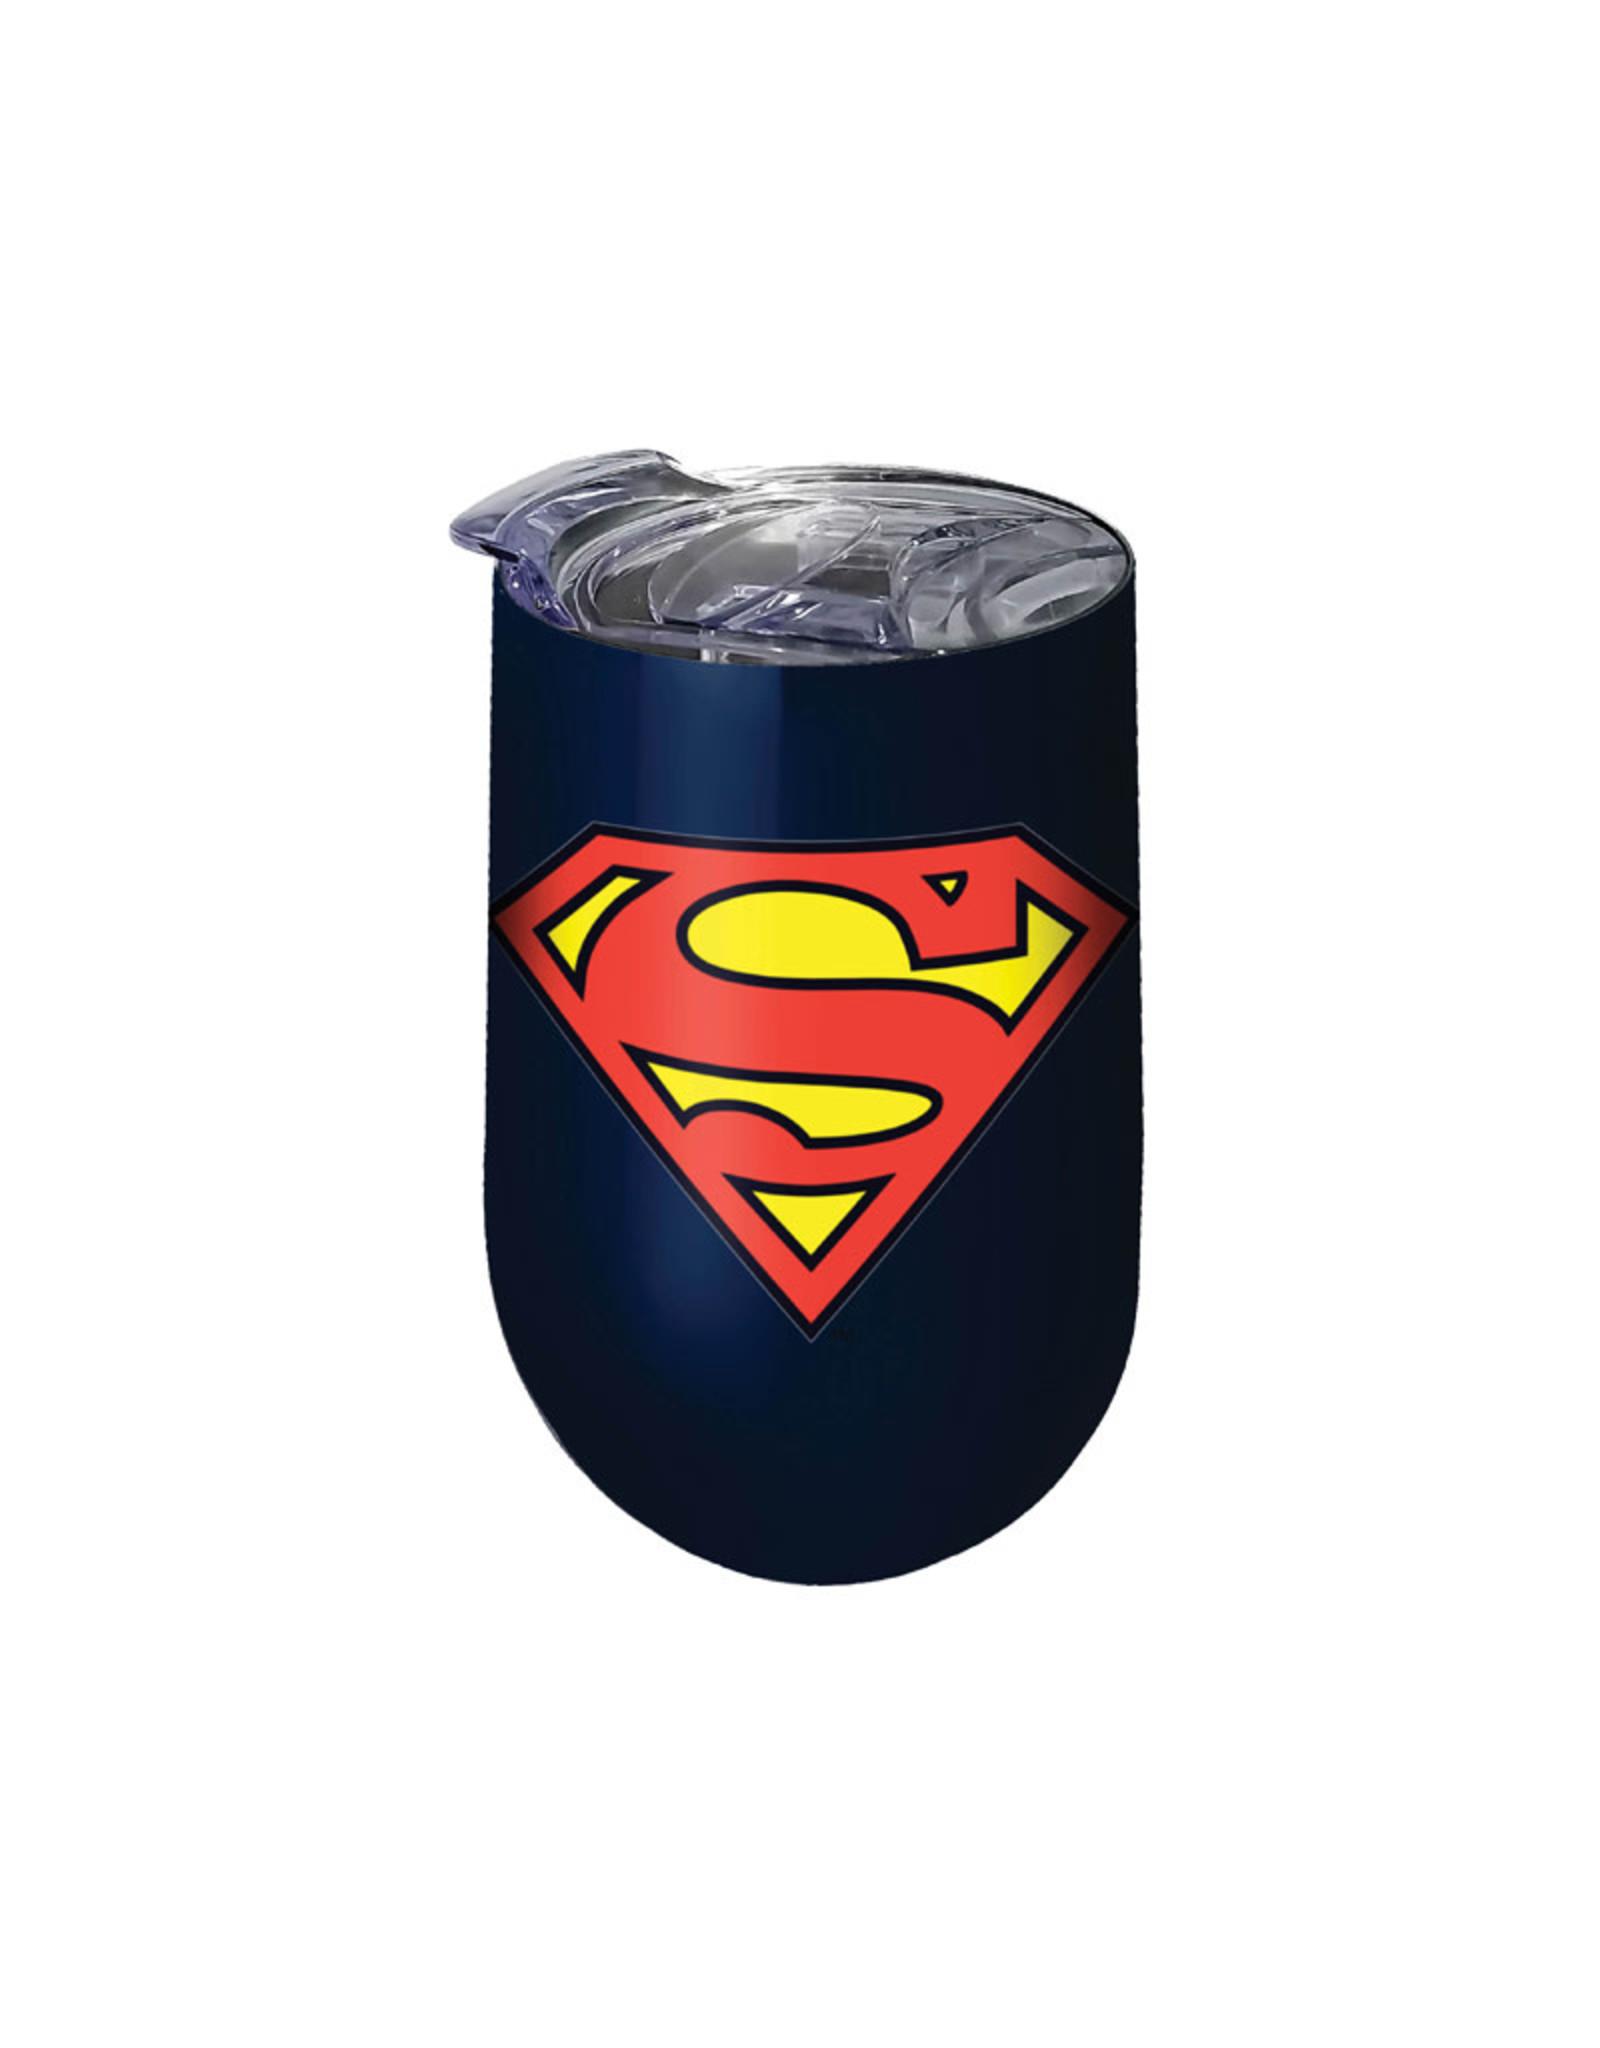 Dc comics Dc Comics ( Glass with Lid ) Superman